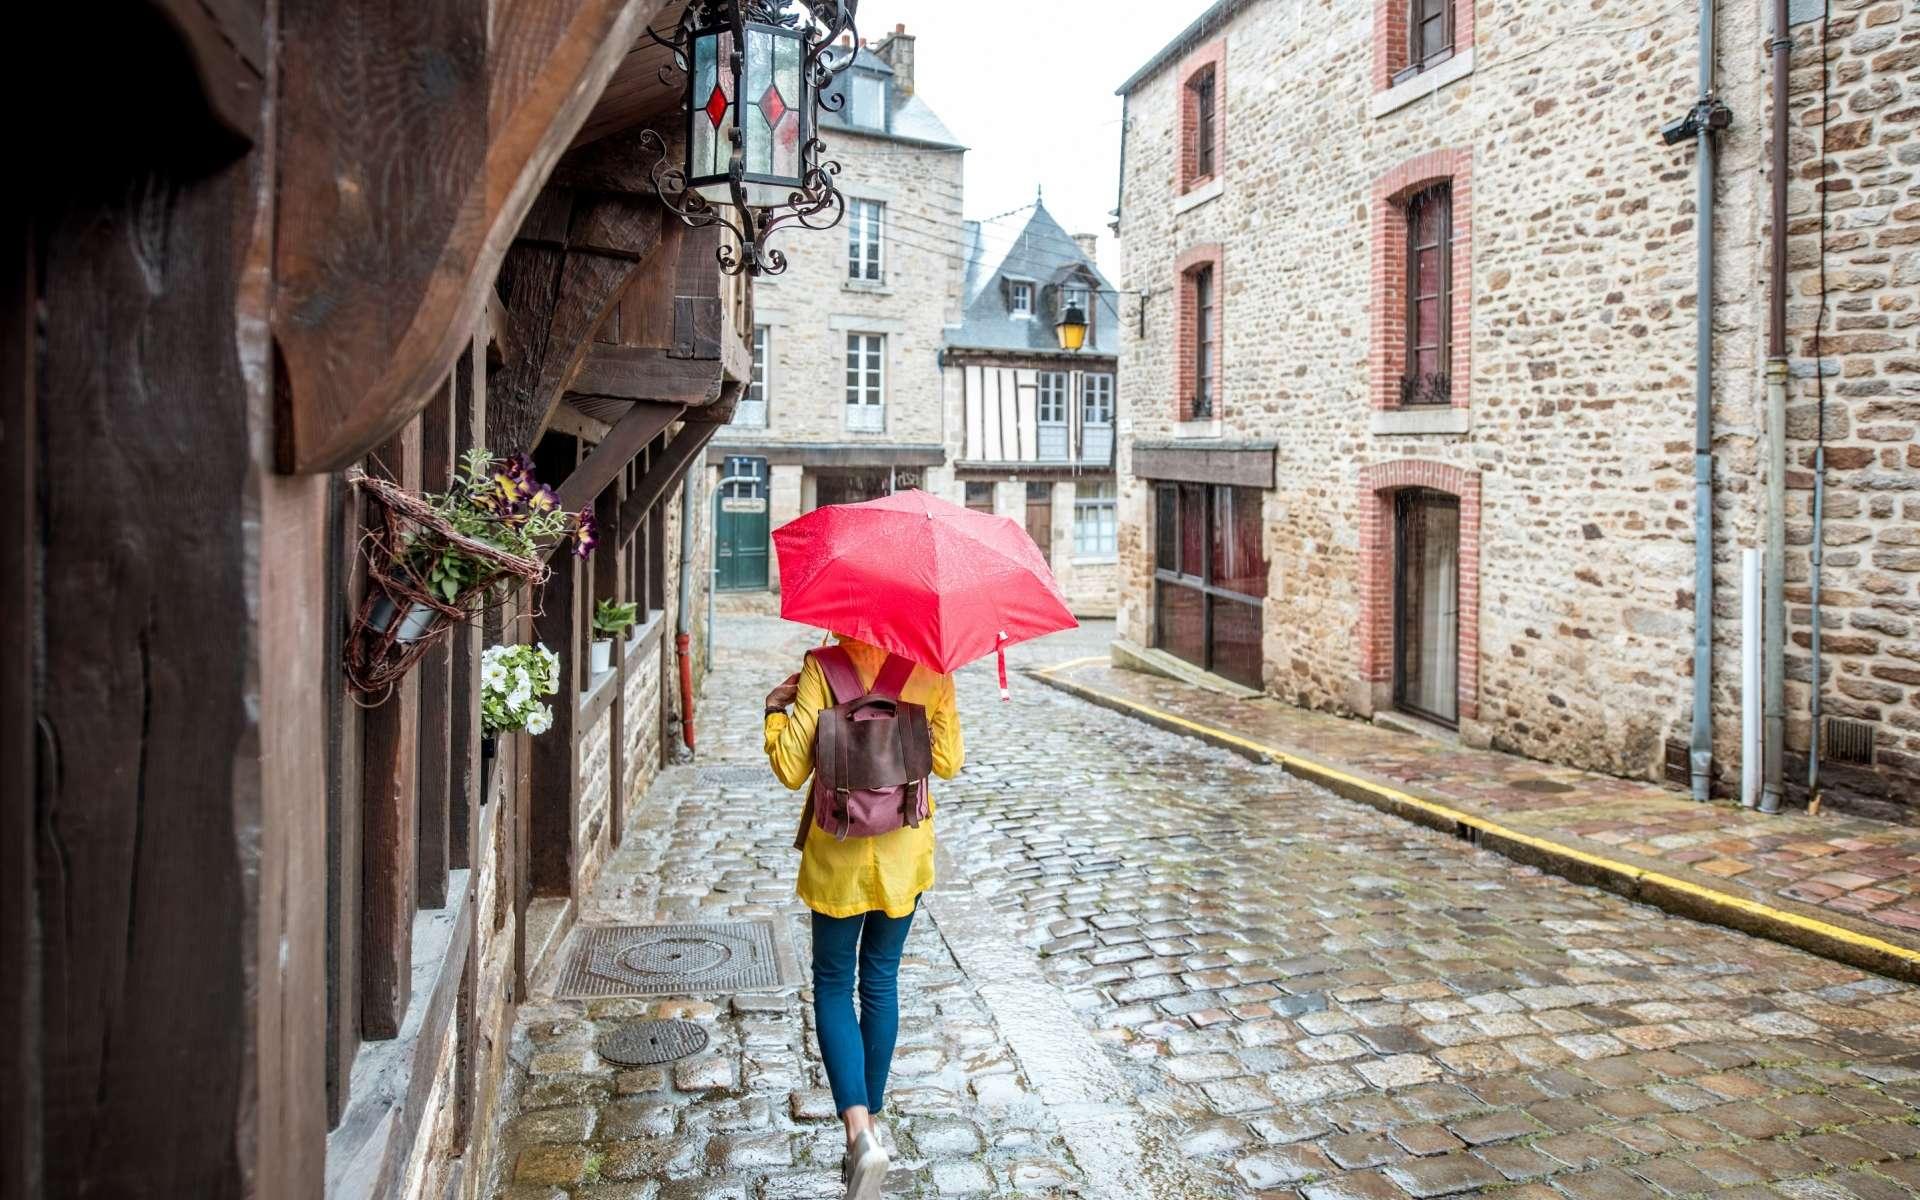 Faut-il migrer en Bretagne pour éviter le coronavirus ? © RossHelen, Getty Images